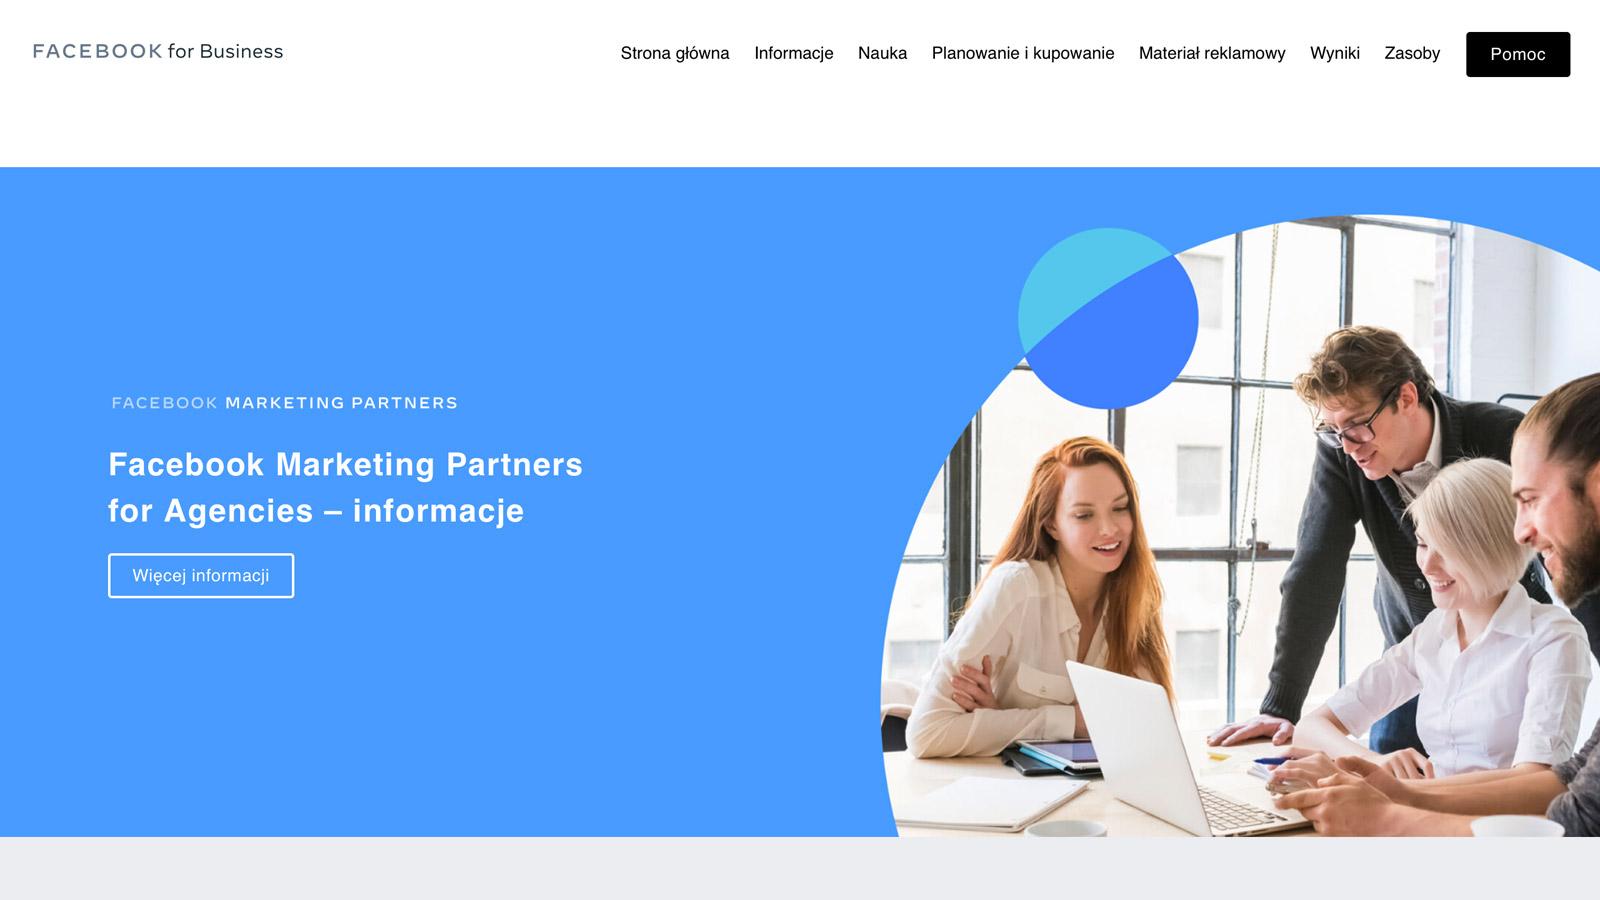 Facebook rozpoczyna współpracę z kluczowymi agencjami w Polsce Social media mediarun facebook socialmedia biznes bluerank 2020